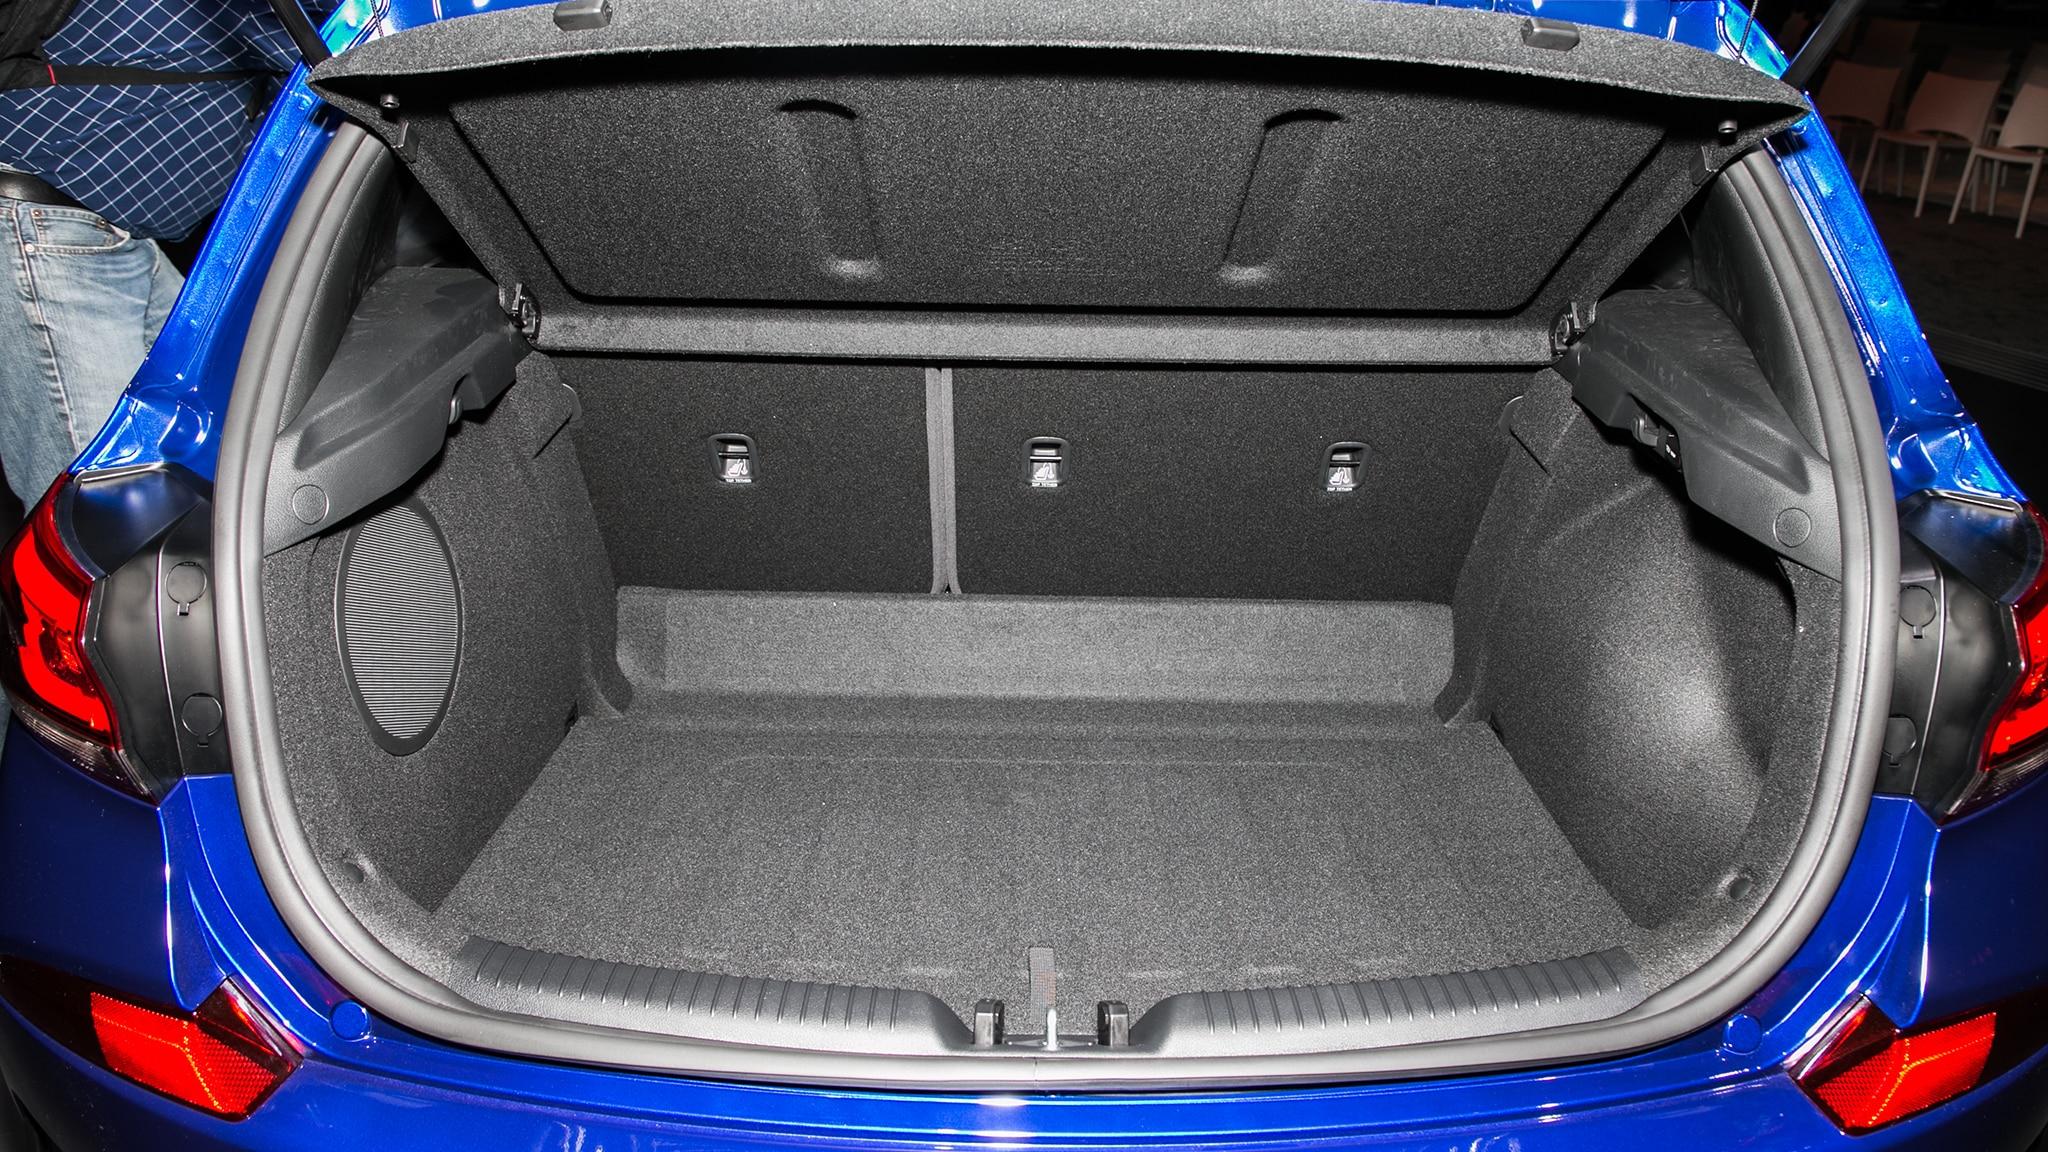 2019 Hyundai Elantra GT N Line: Sporty Stuff and a Stick ...